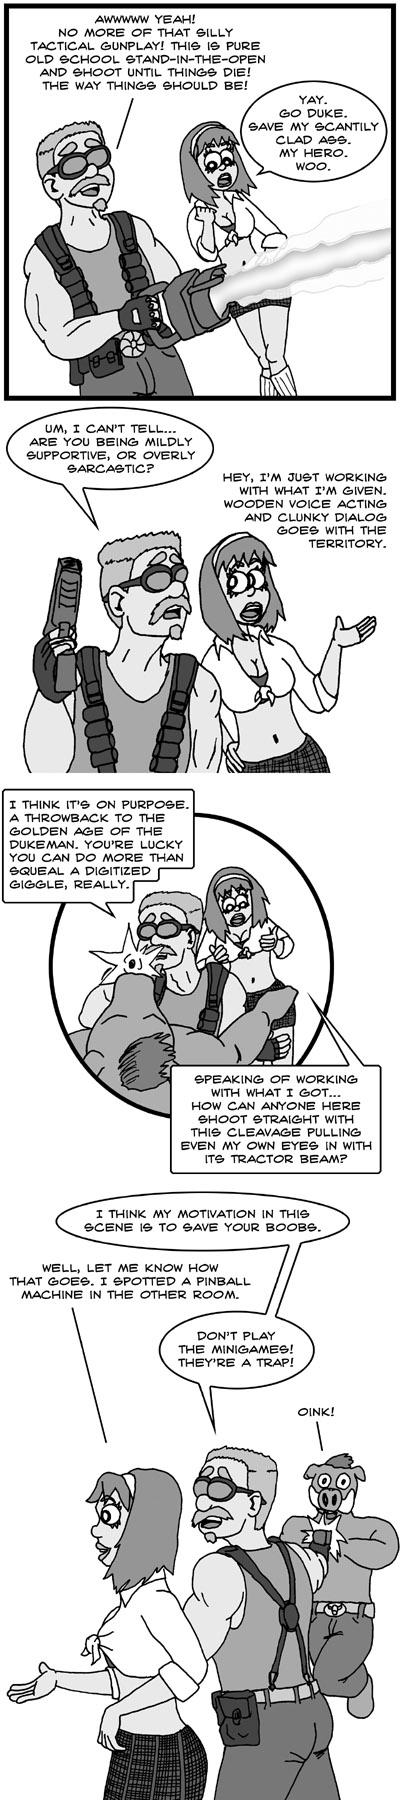 Duke Nukem Forever - Still Out Of Bubblegum